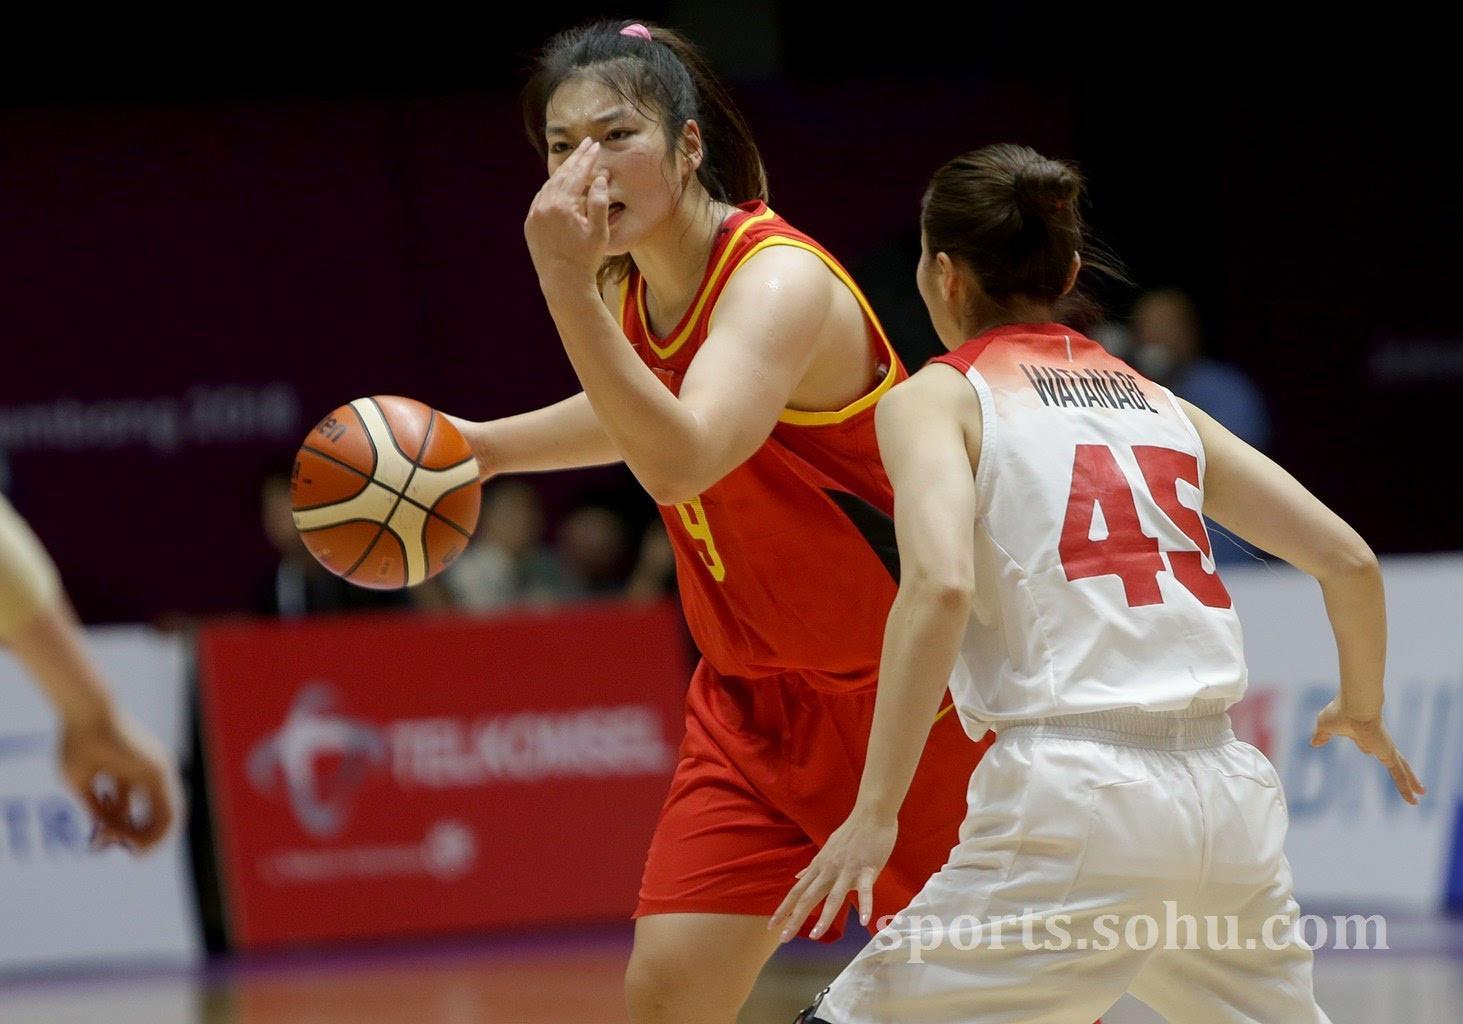 亚运会:女篮32分大胜日本 双方首发阵容李梦得18分